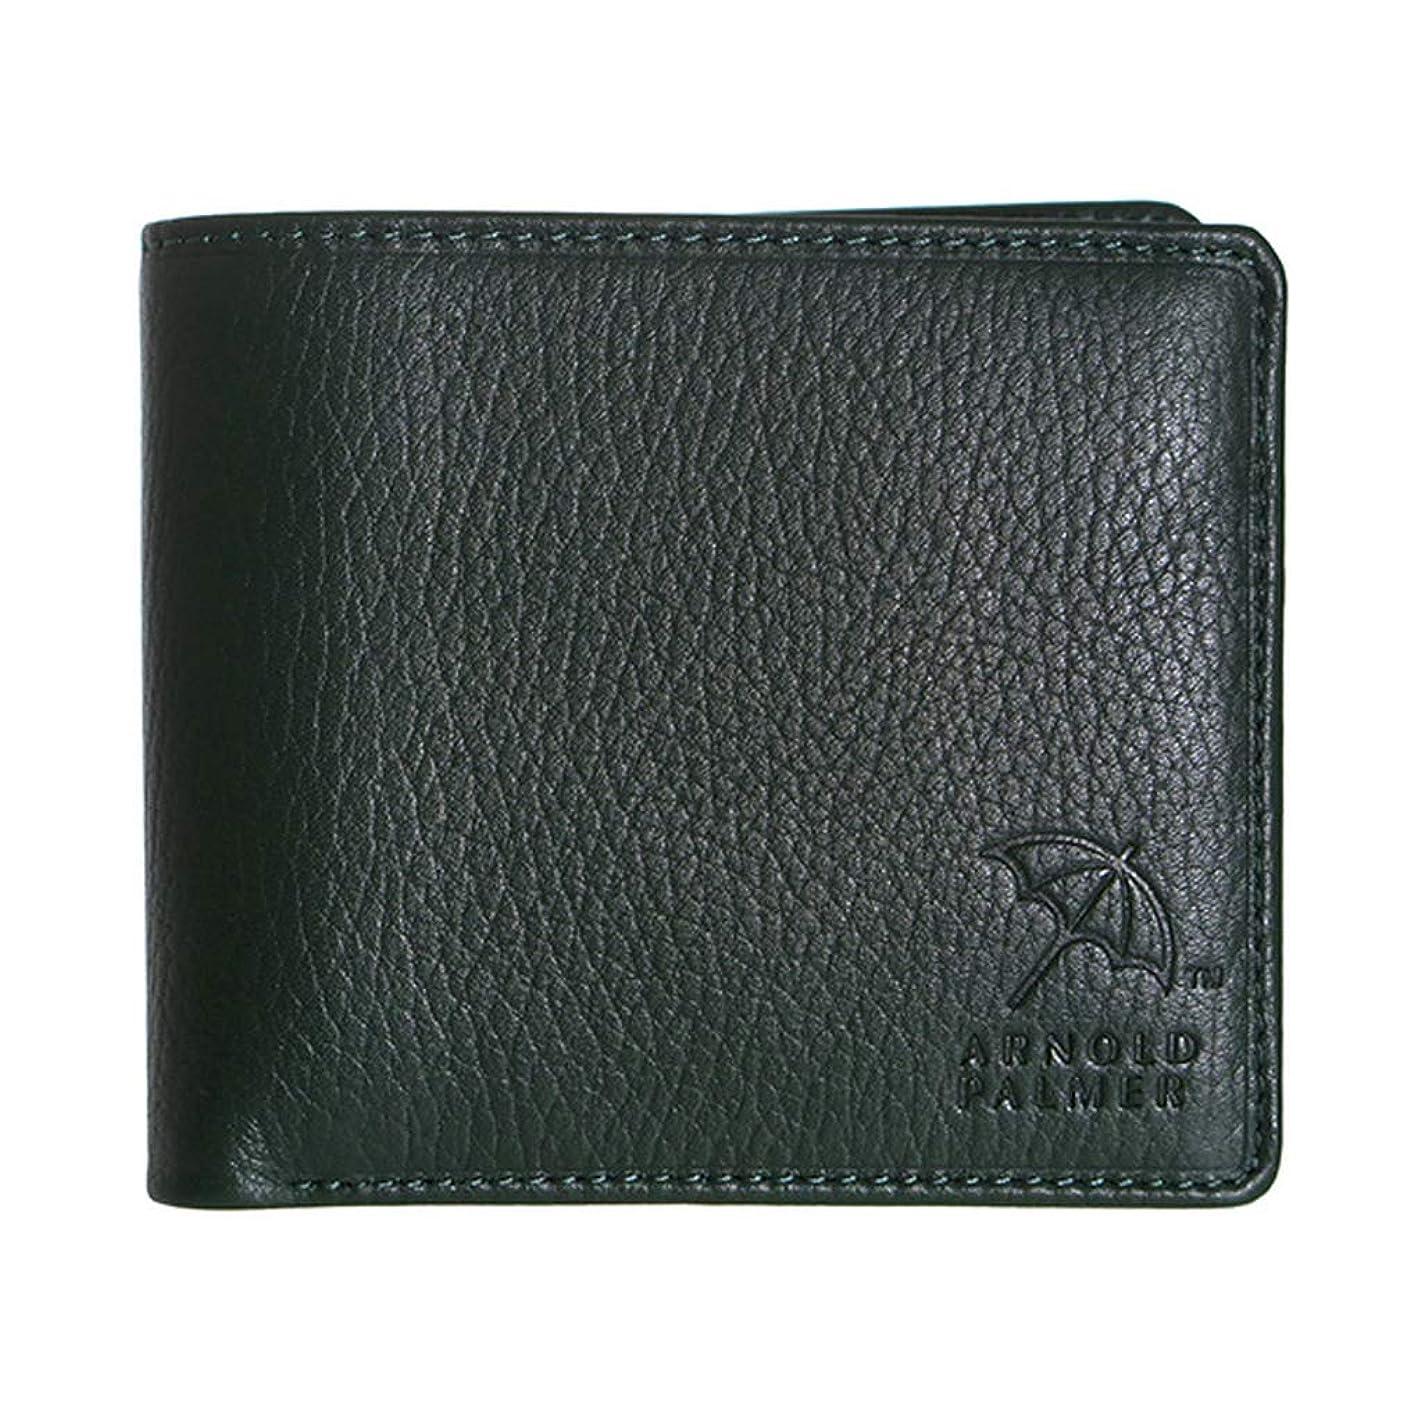 あなたは感じる警報アーノルドパーマー ベラ付き 二つ折り 短財布 4AP3141-GR グリーン